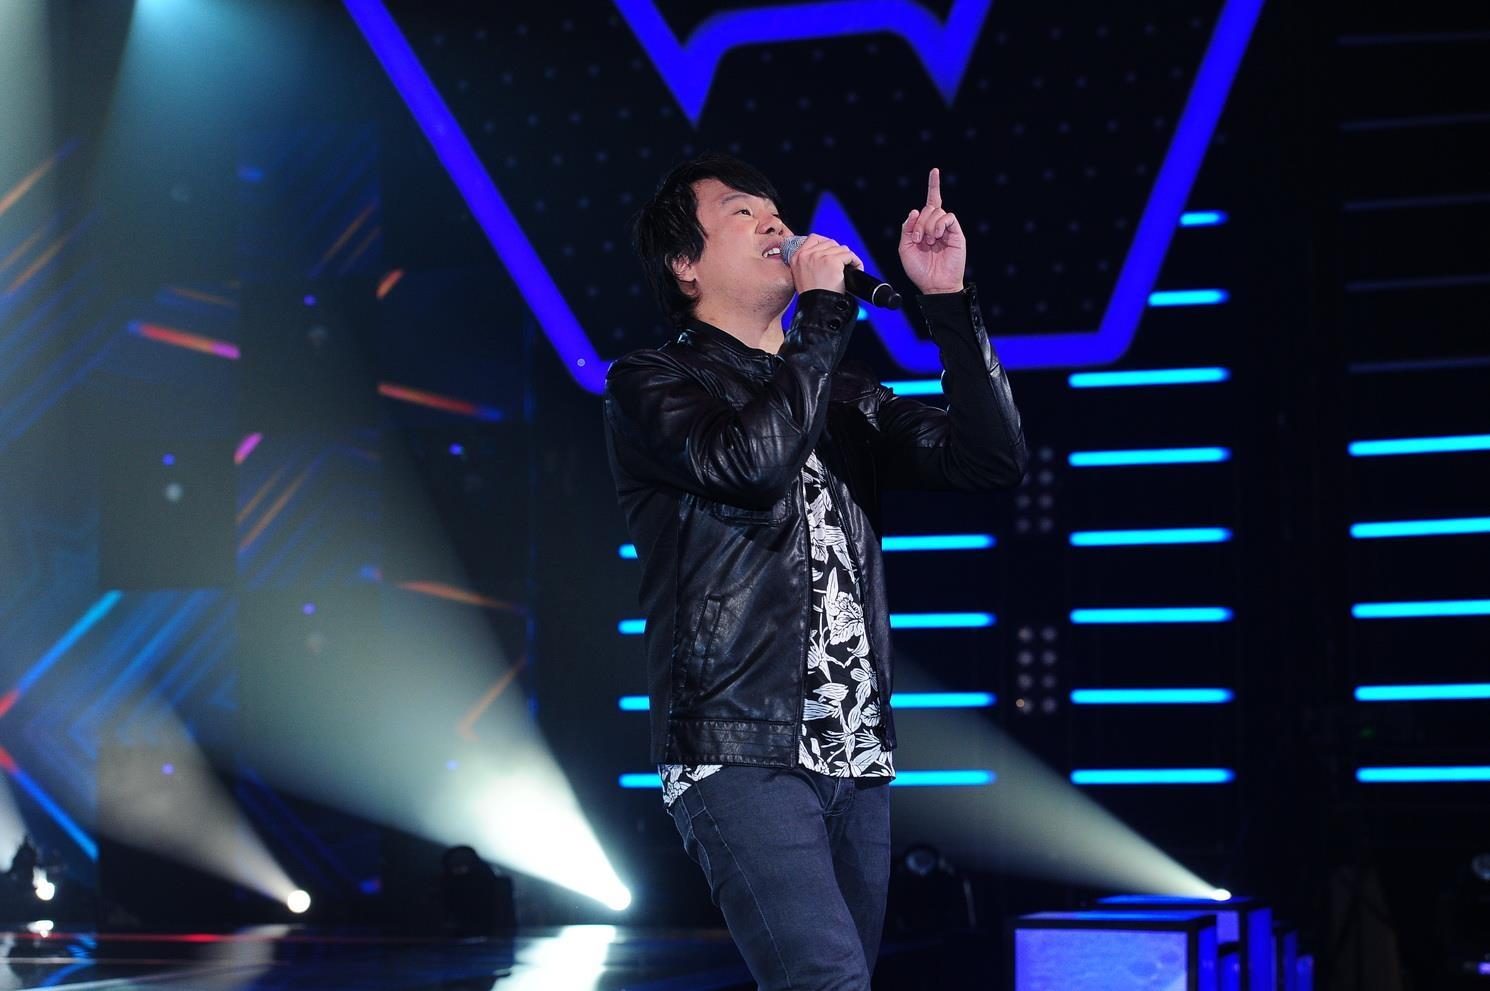 Ngoài làm giám khảo chính trong đêm thi thứ 2, ca sỹ, nhạc sỹ Thanh Bùi còn gửi tặng khán giả ca khúc Where do we go trong thời gian chuẩn bị bước sang lượt đấu thứ 2.